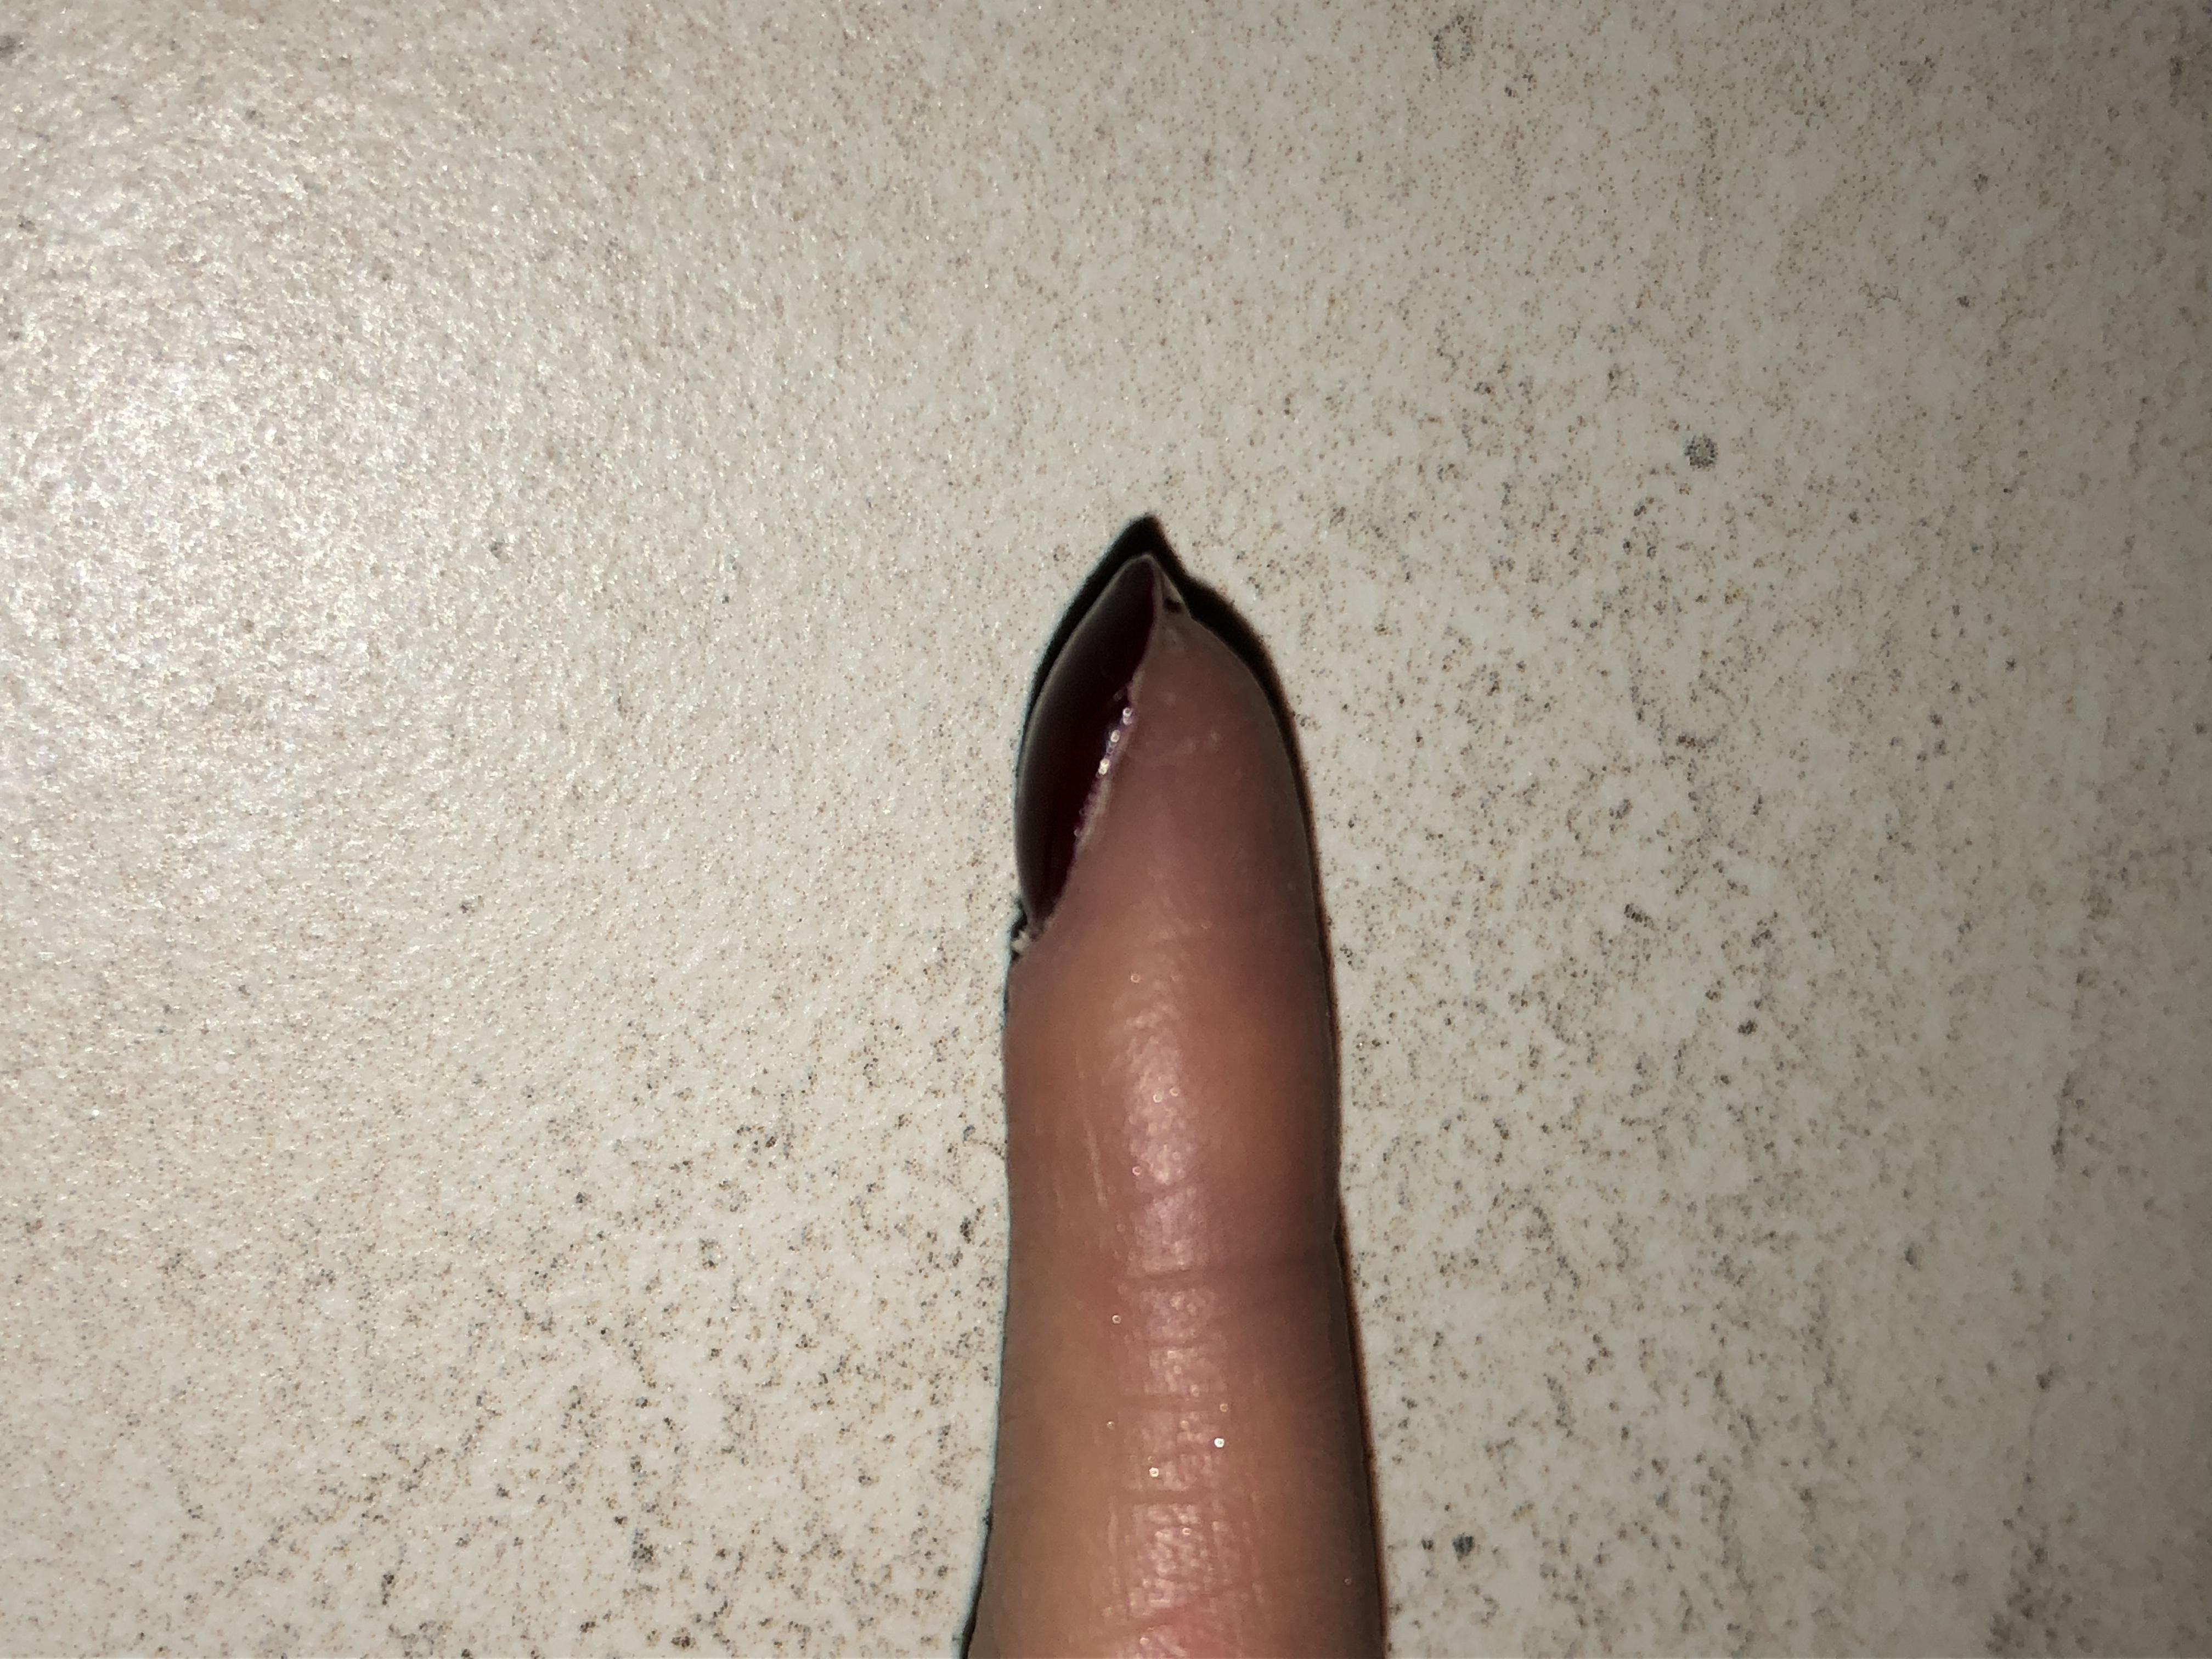 Warum ist mein Nagel so komisch geform? (Gesundheit, Nägel, Finger)